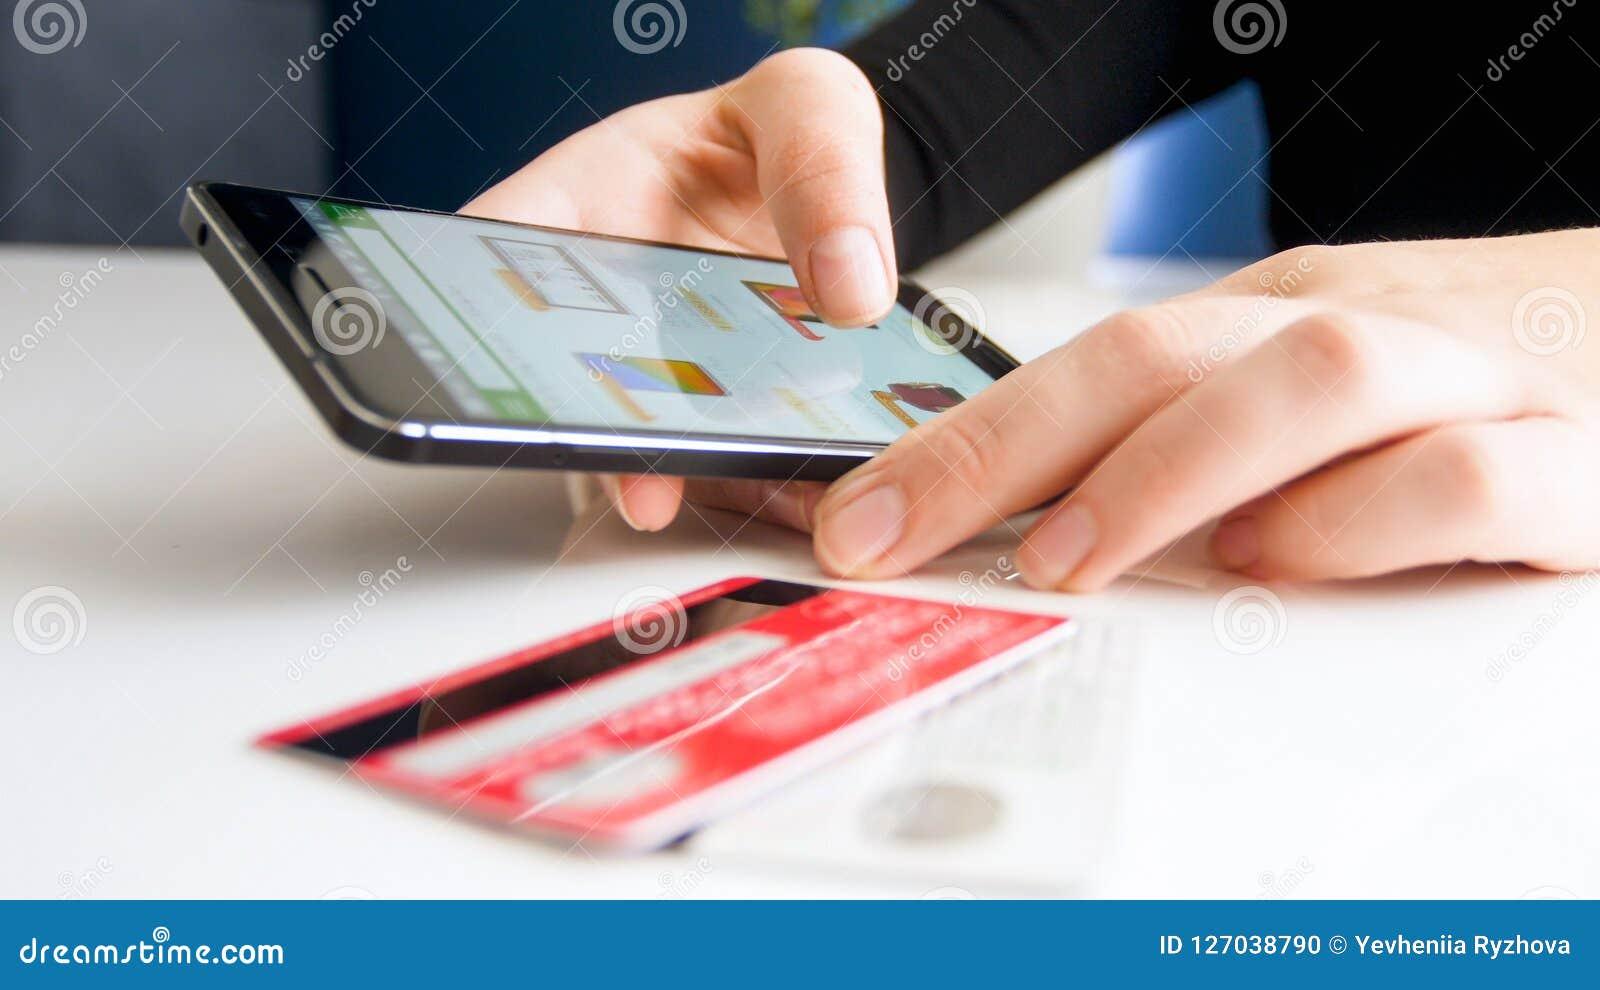 Nahaufnahmebild der jungen Frau on-line-Bestellung auf Smartphone machend und mit Kreditkarte zahlend